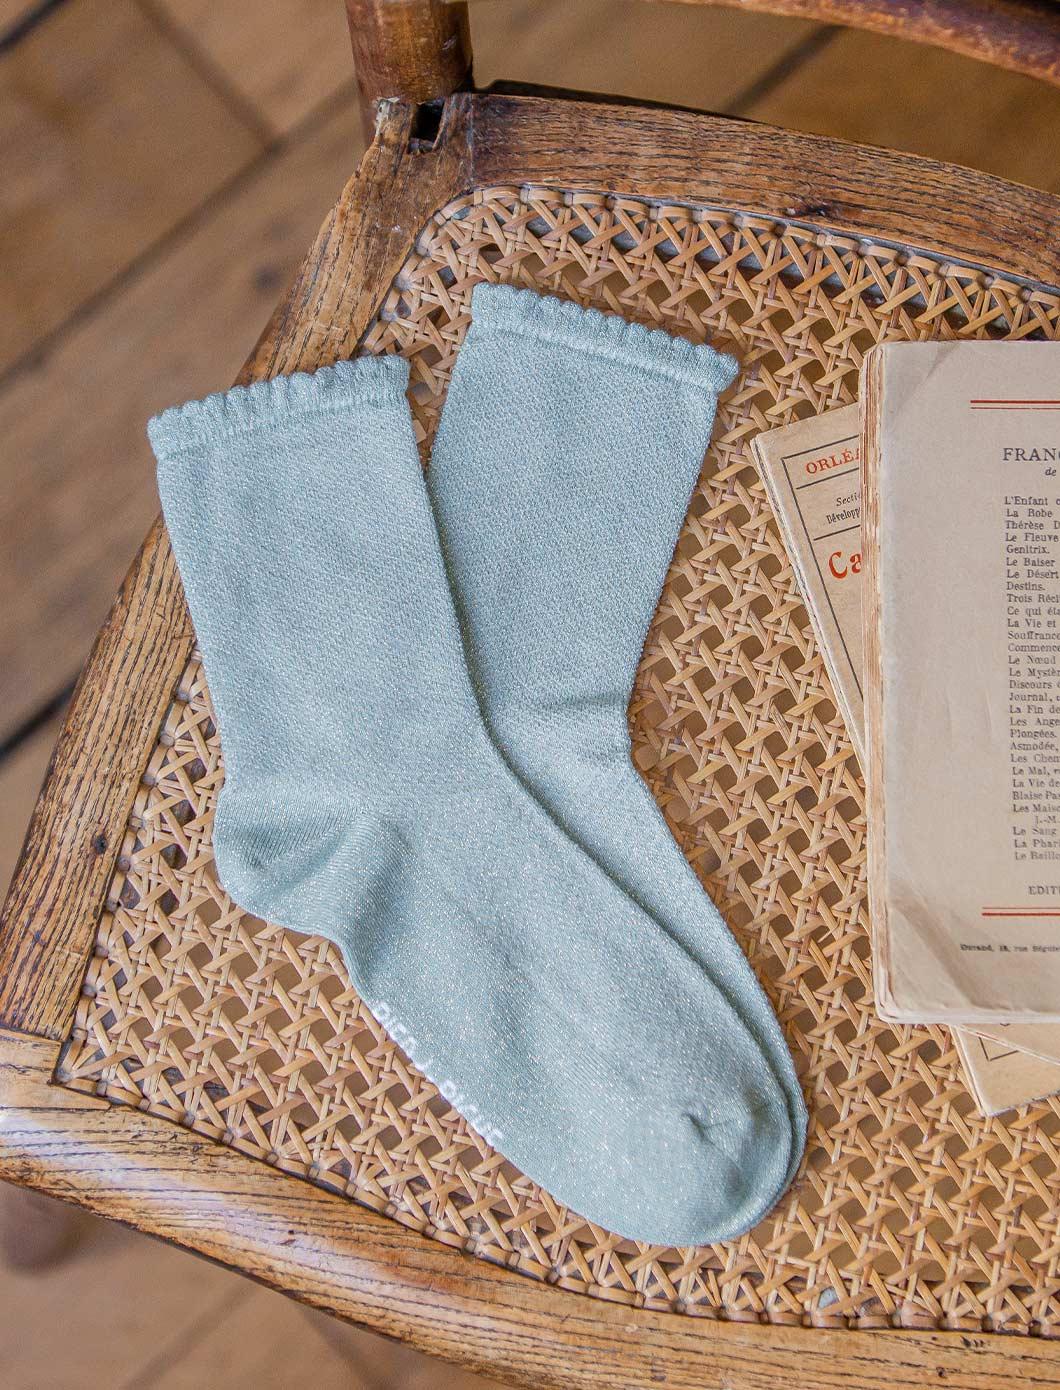 Openwork socks - Water green sequined